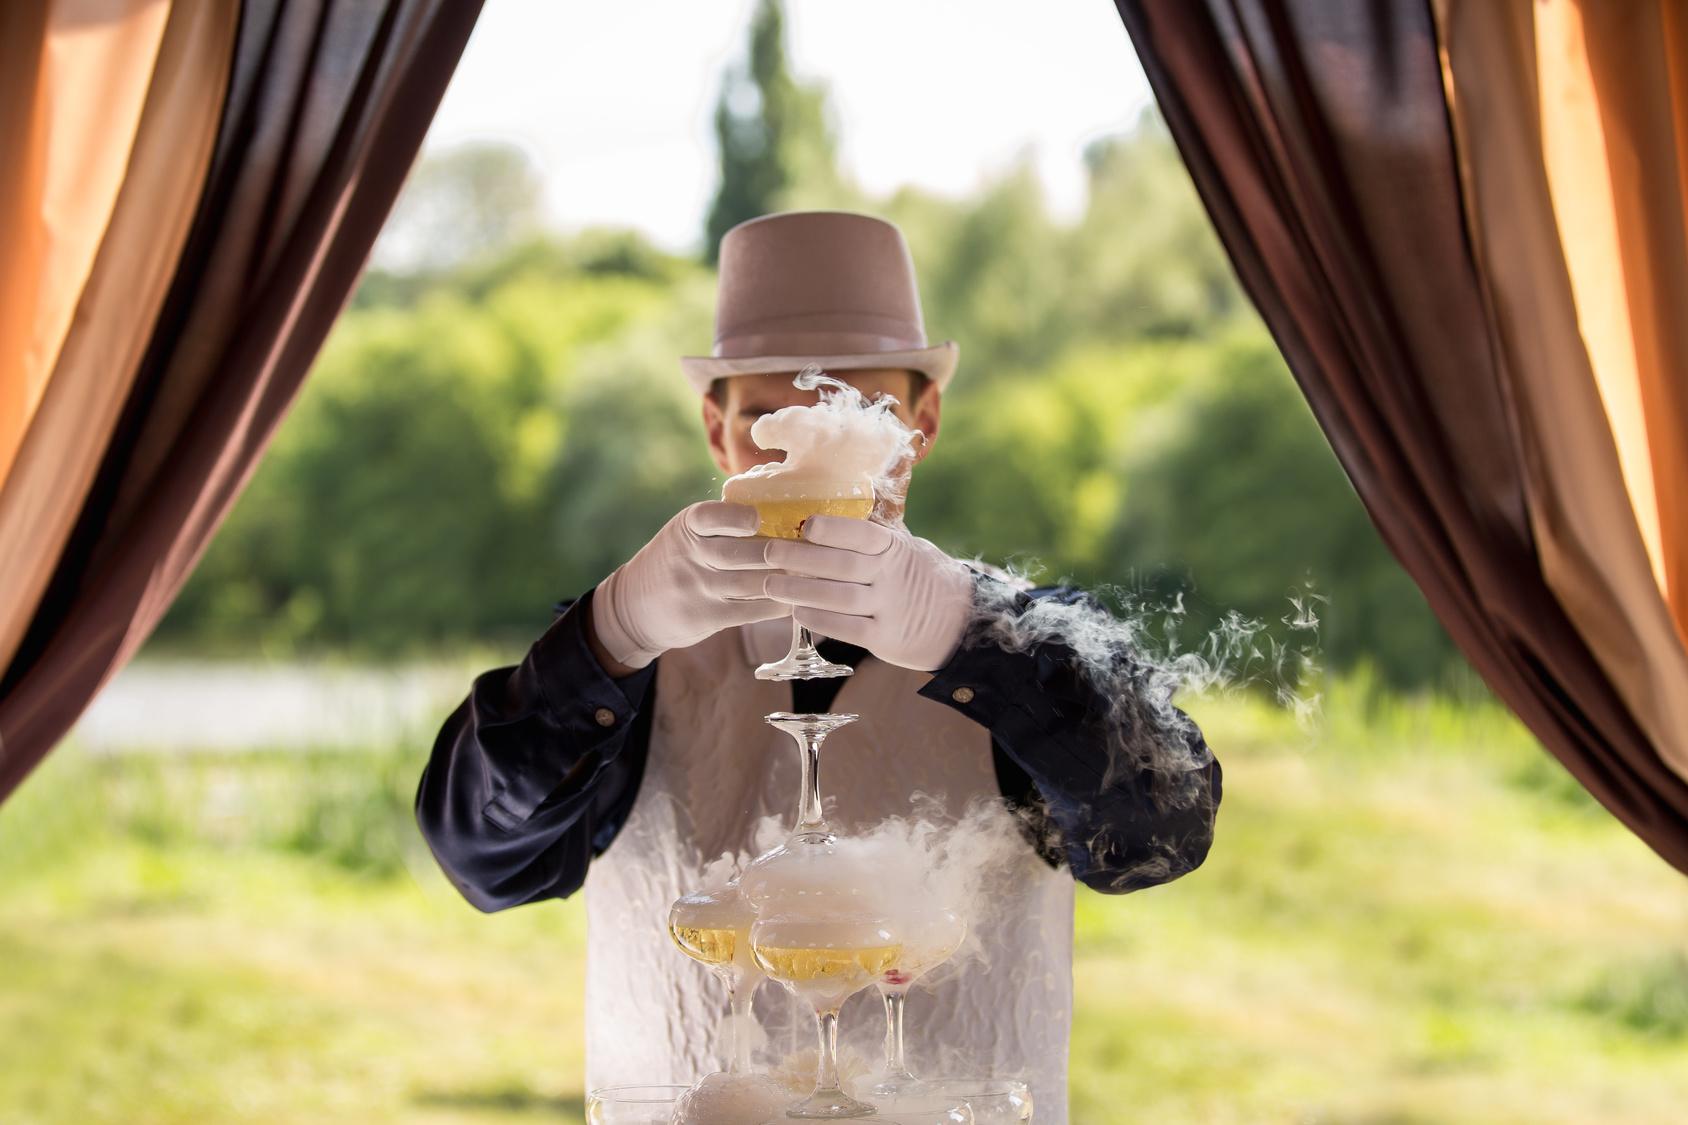 Fêter dignement le jour du mariage en engageant un magicien